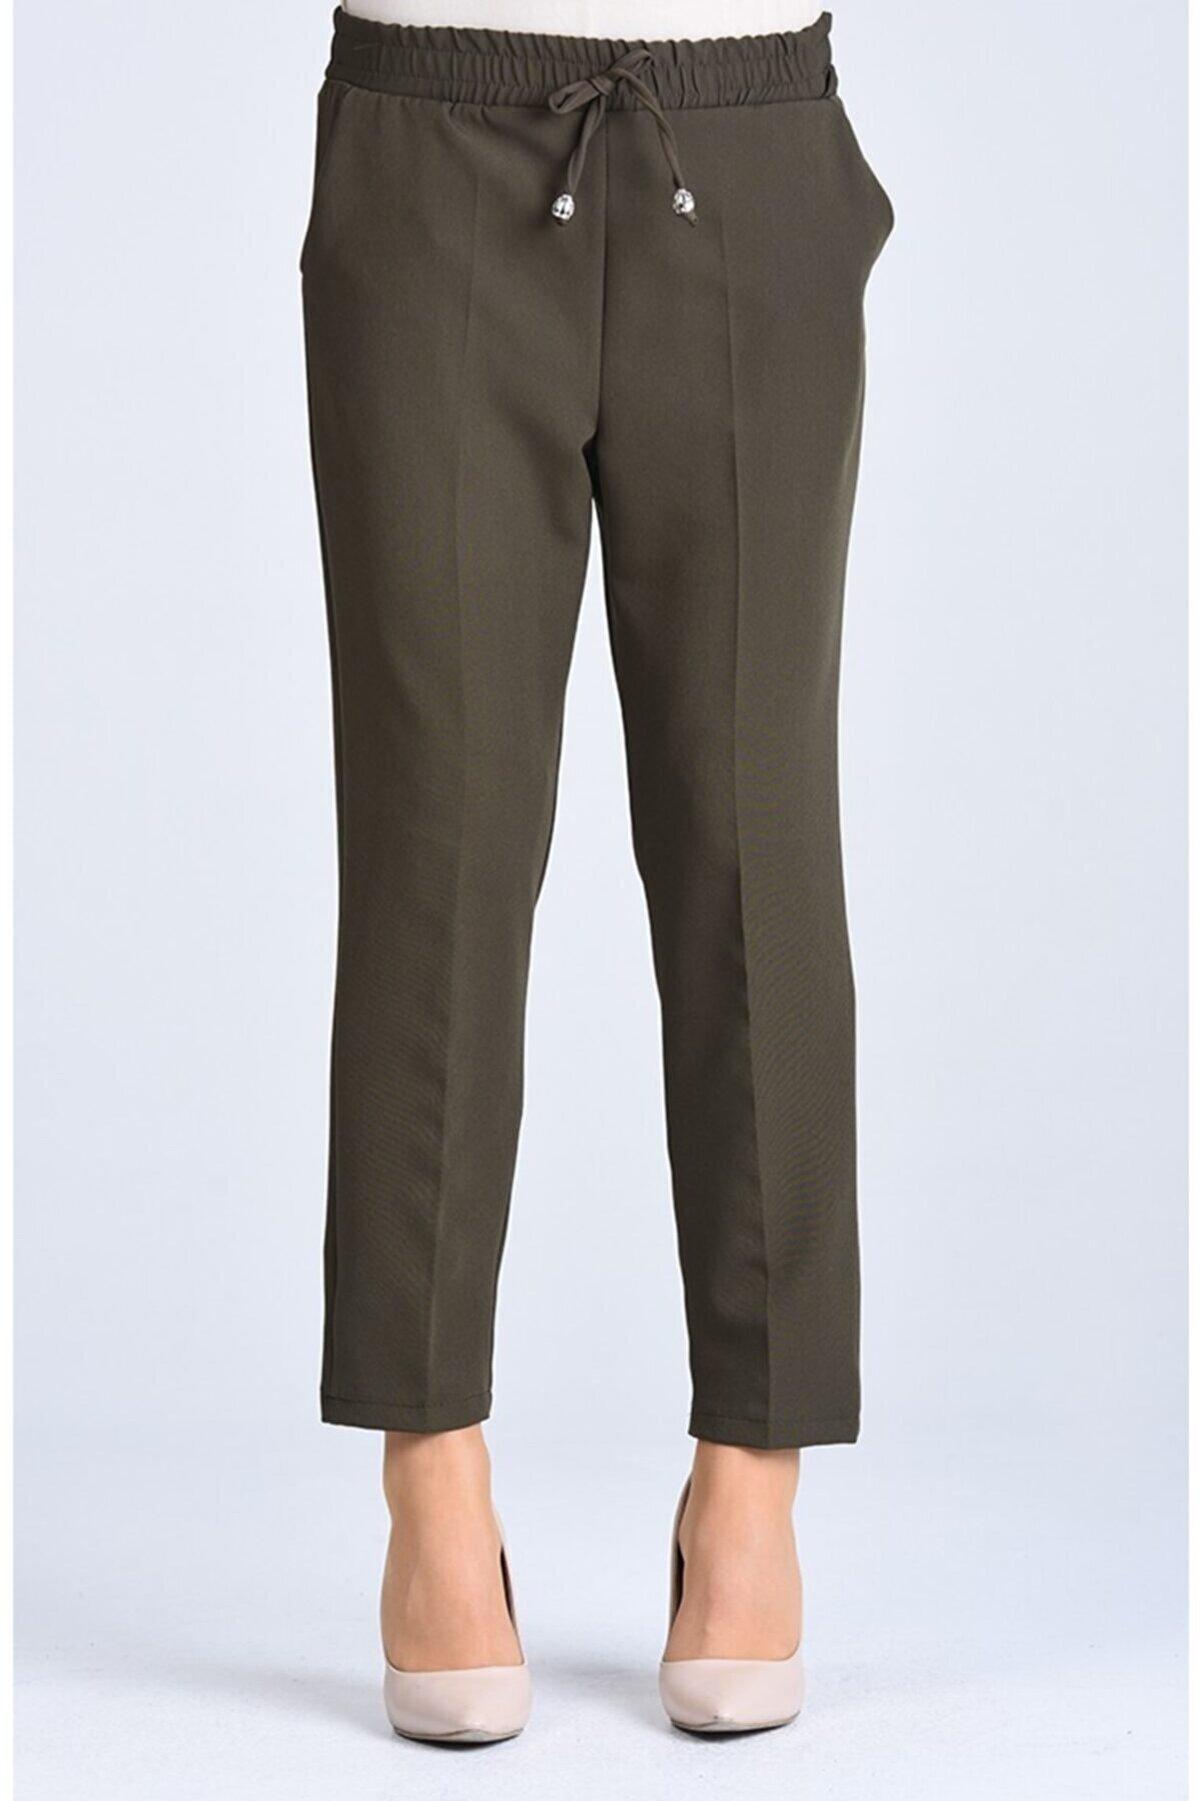 Essah Moda Kadın Haki Lastikli Havuç Pantolon - Me000272